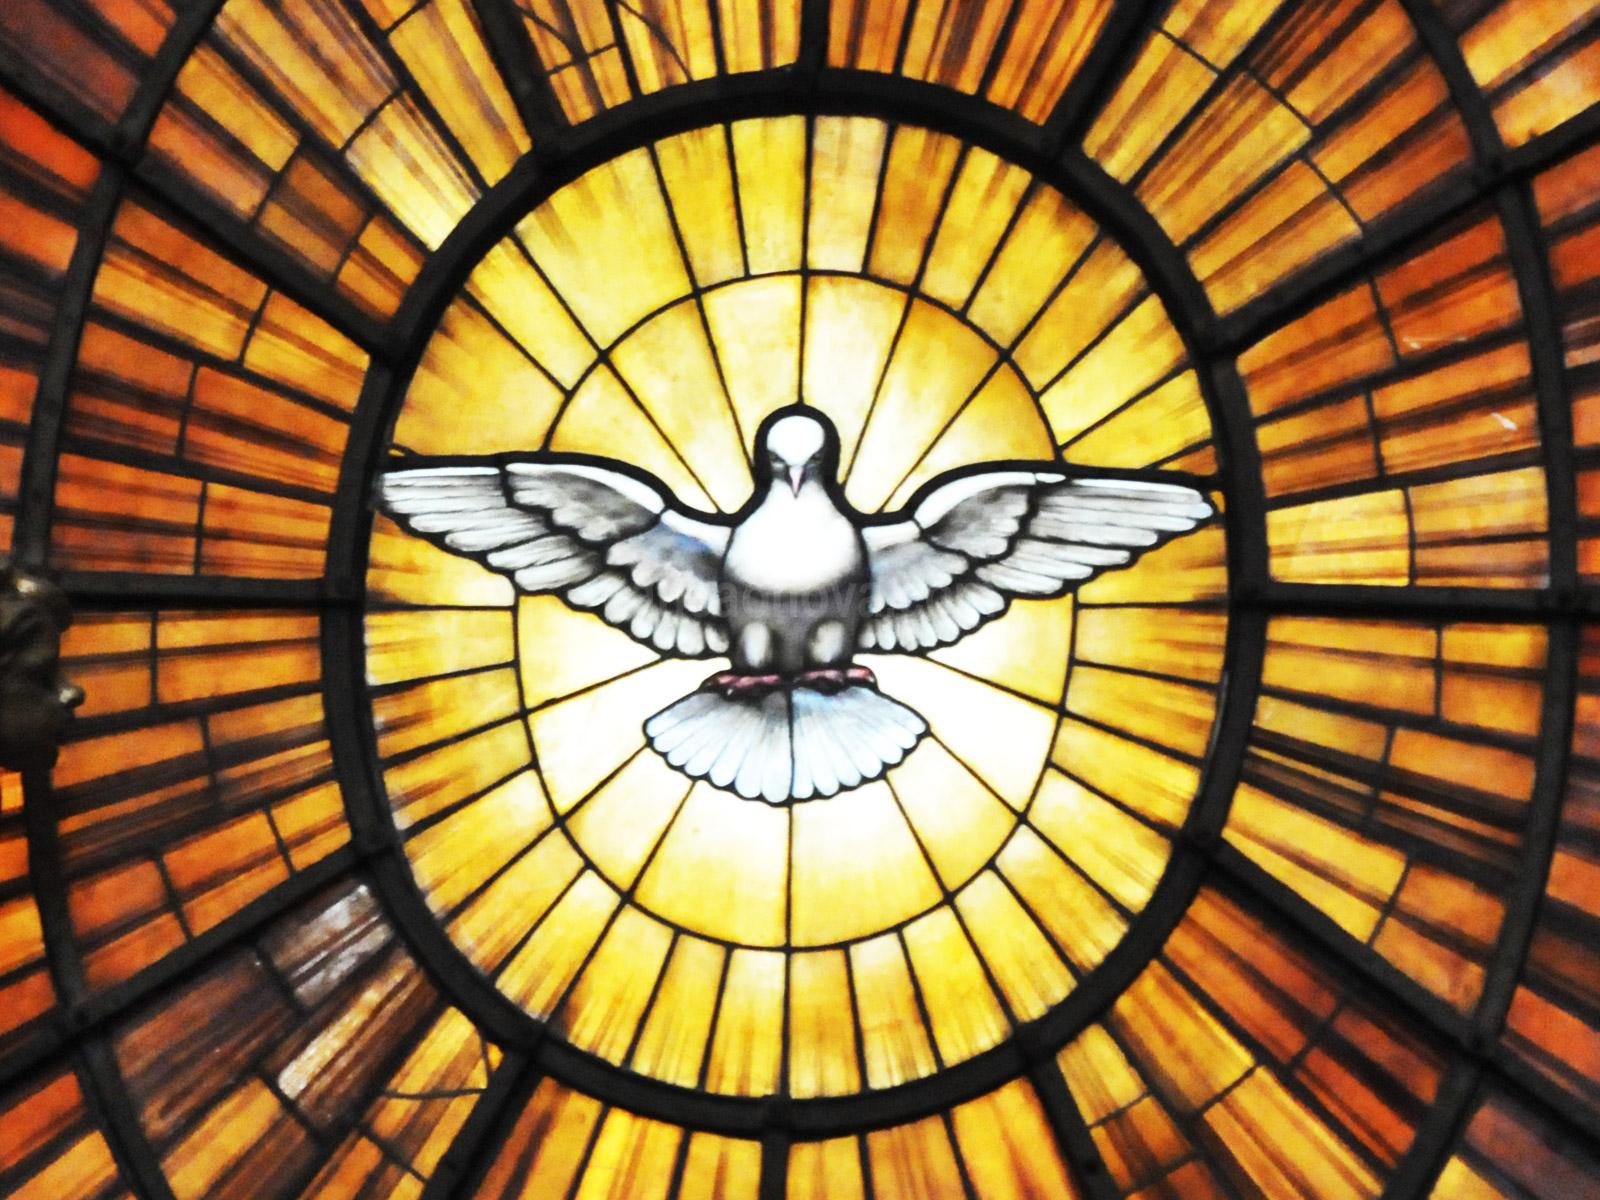 peca-a-deus-o-batismo-do-espirito-santo